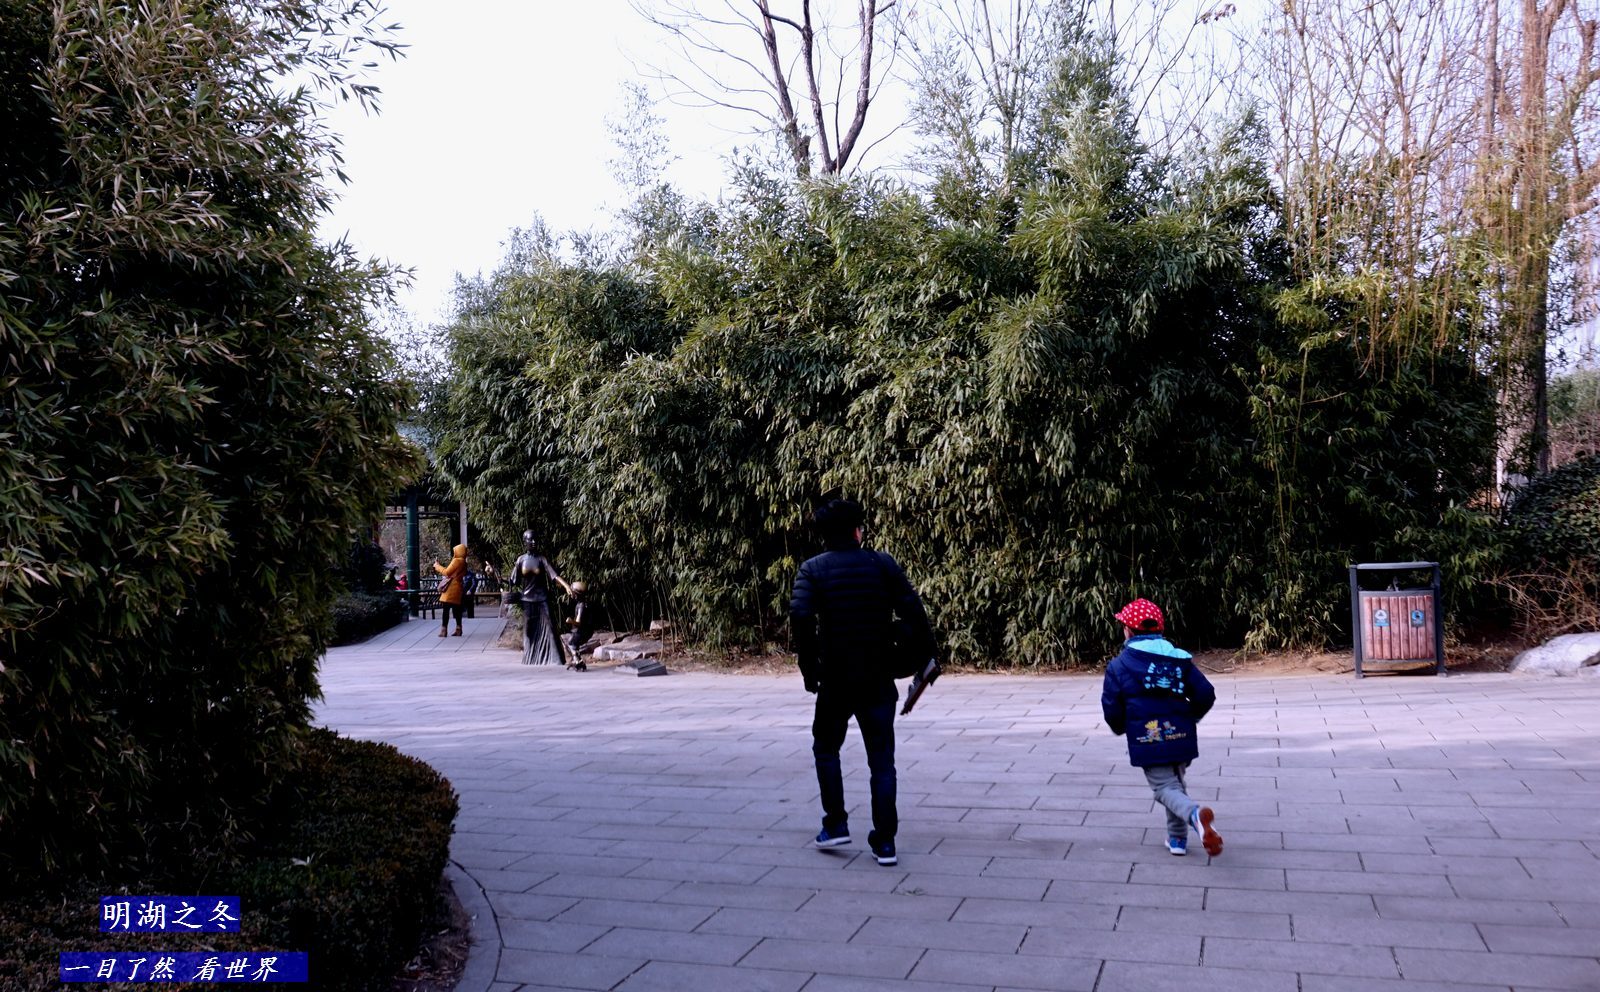 明湖之冬-1-1600.jpg